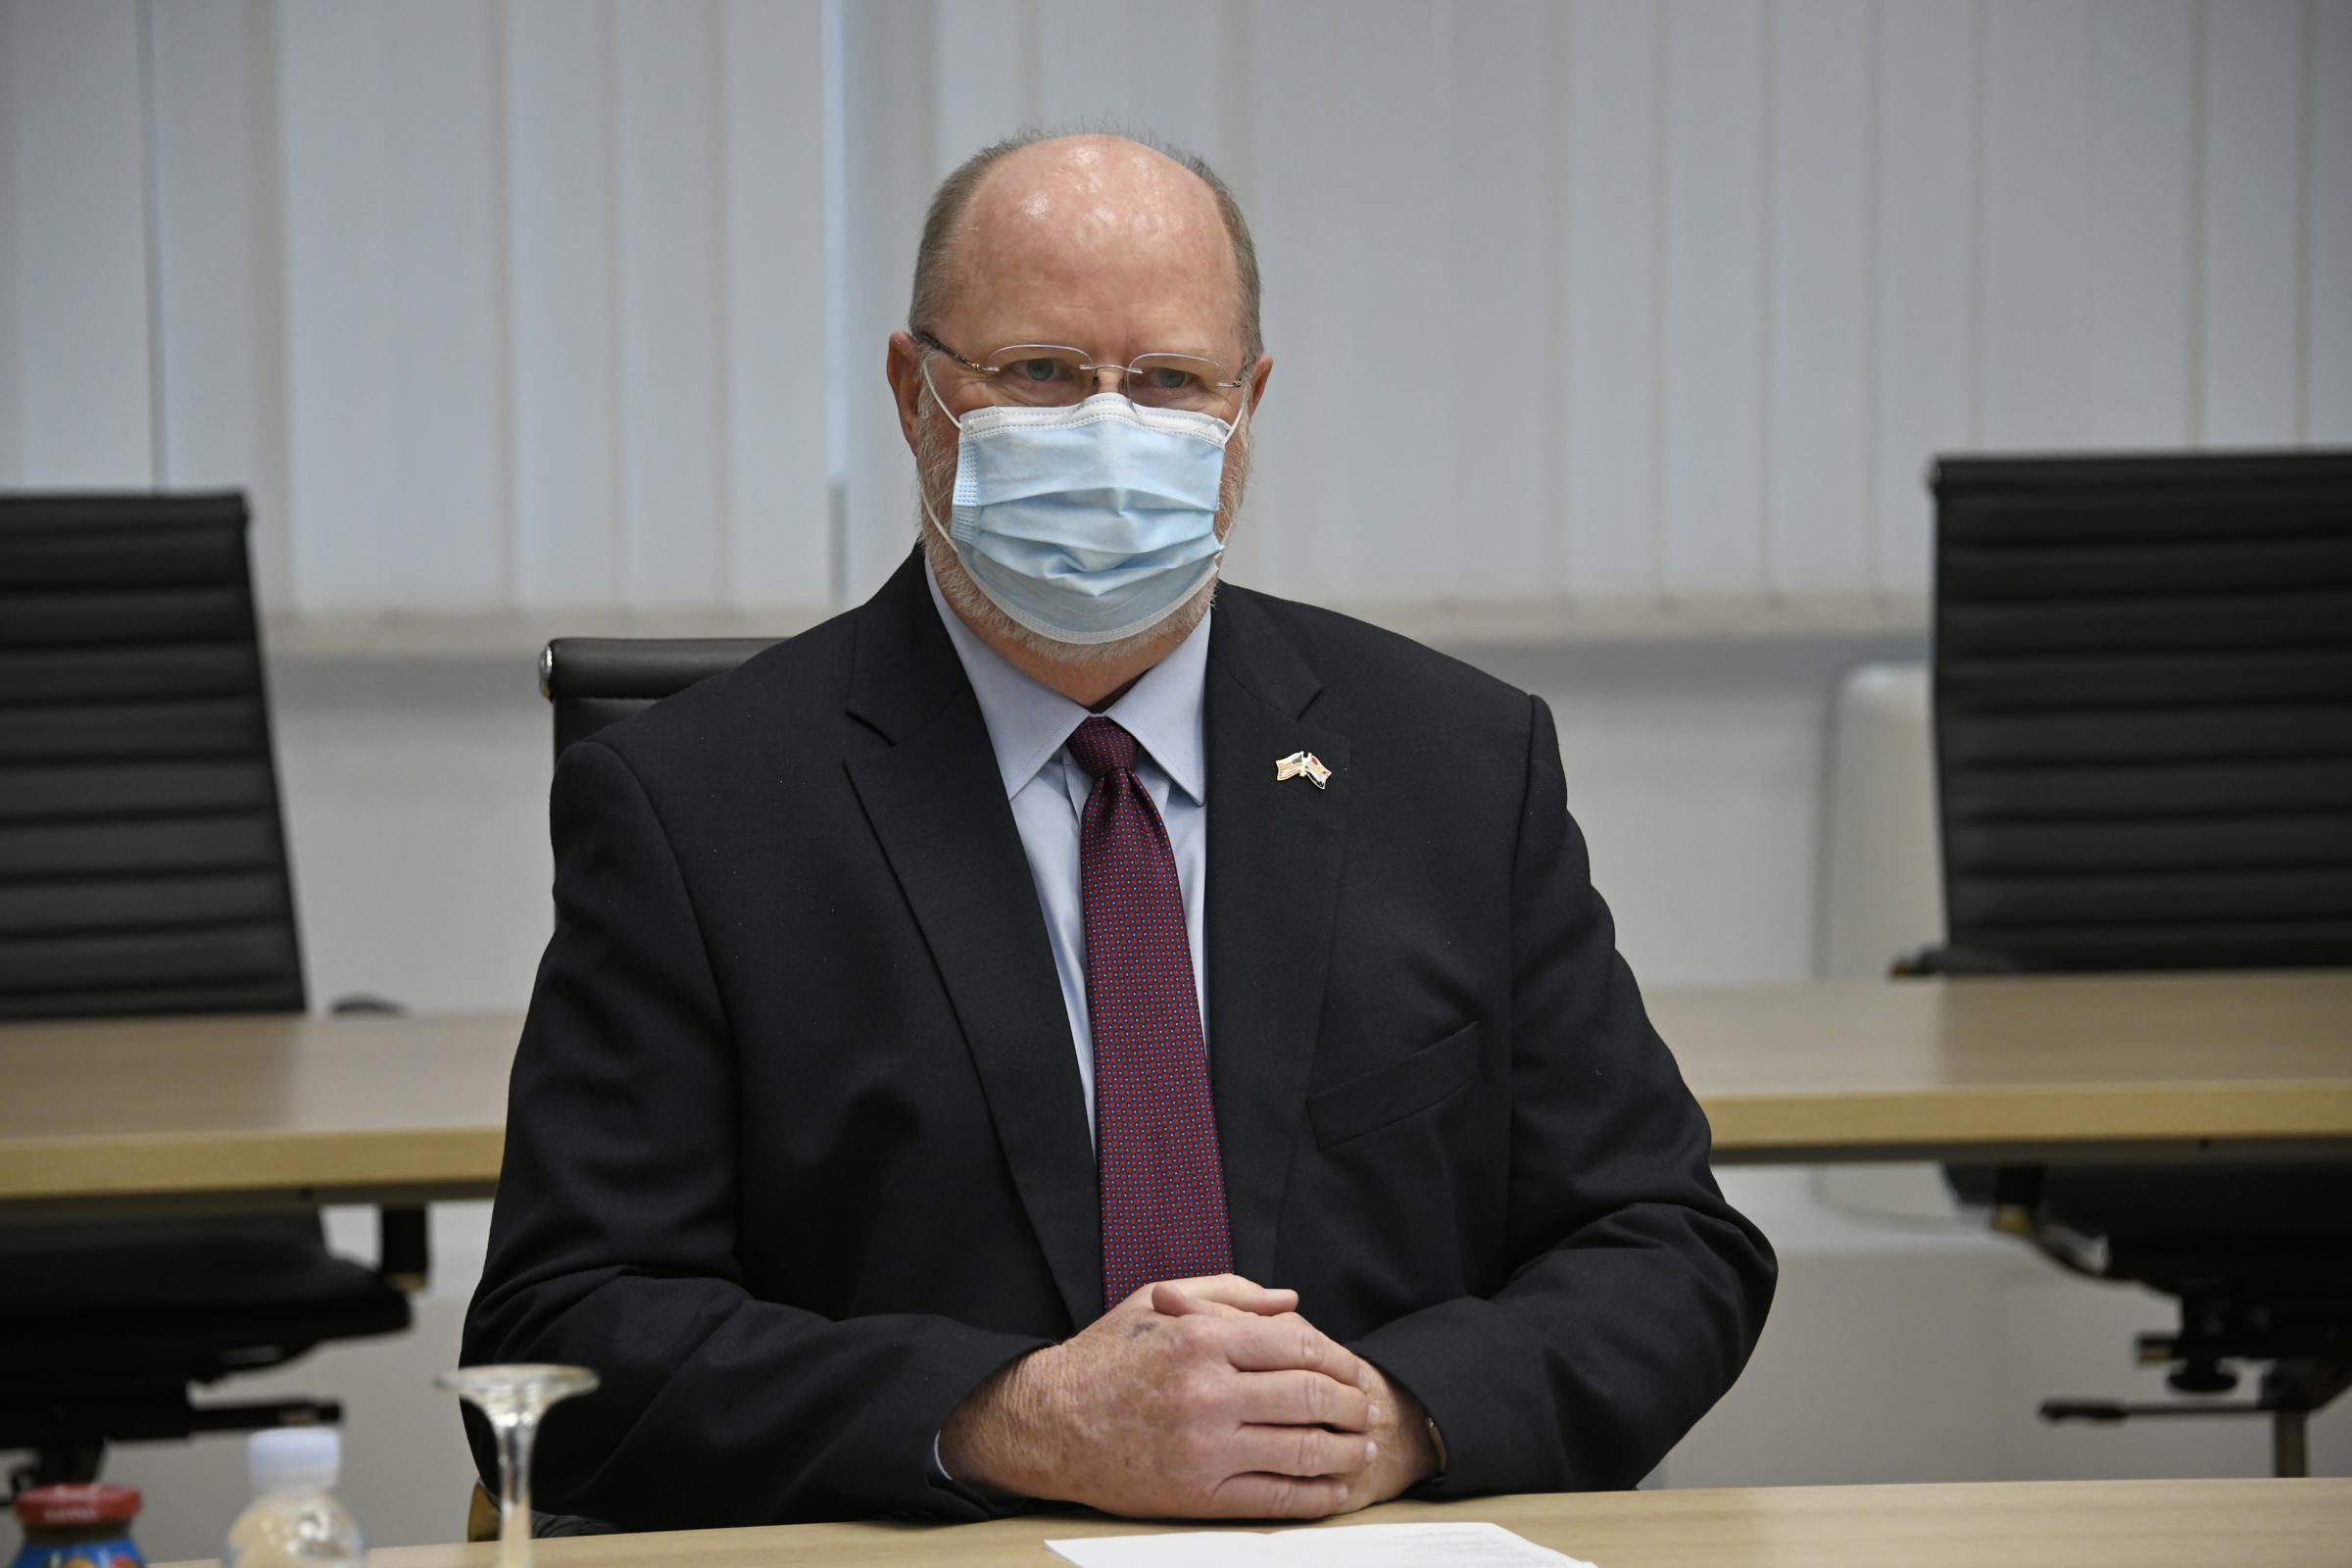 Ministar Banožić primio veleposlanika SAD-a Kohorsta u oproštajni posjet